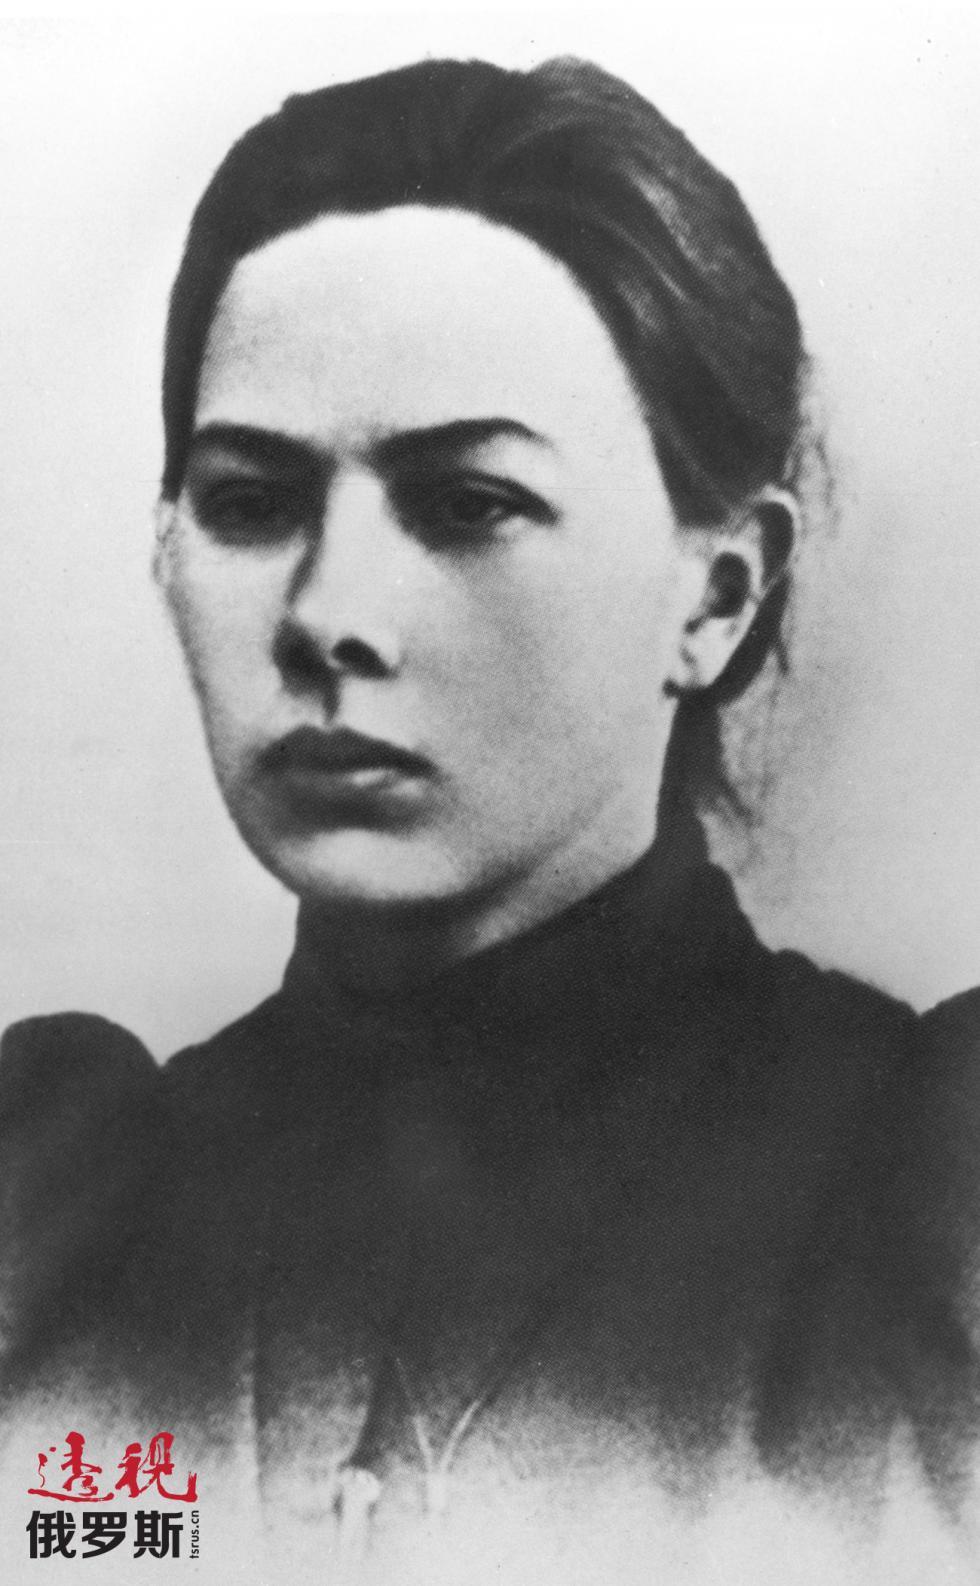 1978年6月1日。年轻的娜杰日达·克鲁普斯卡娅。 图片来源:俄新社